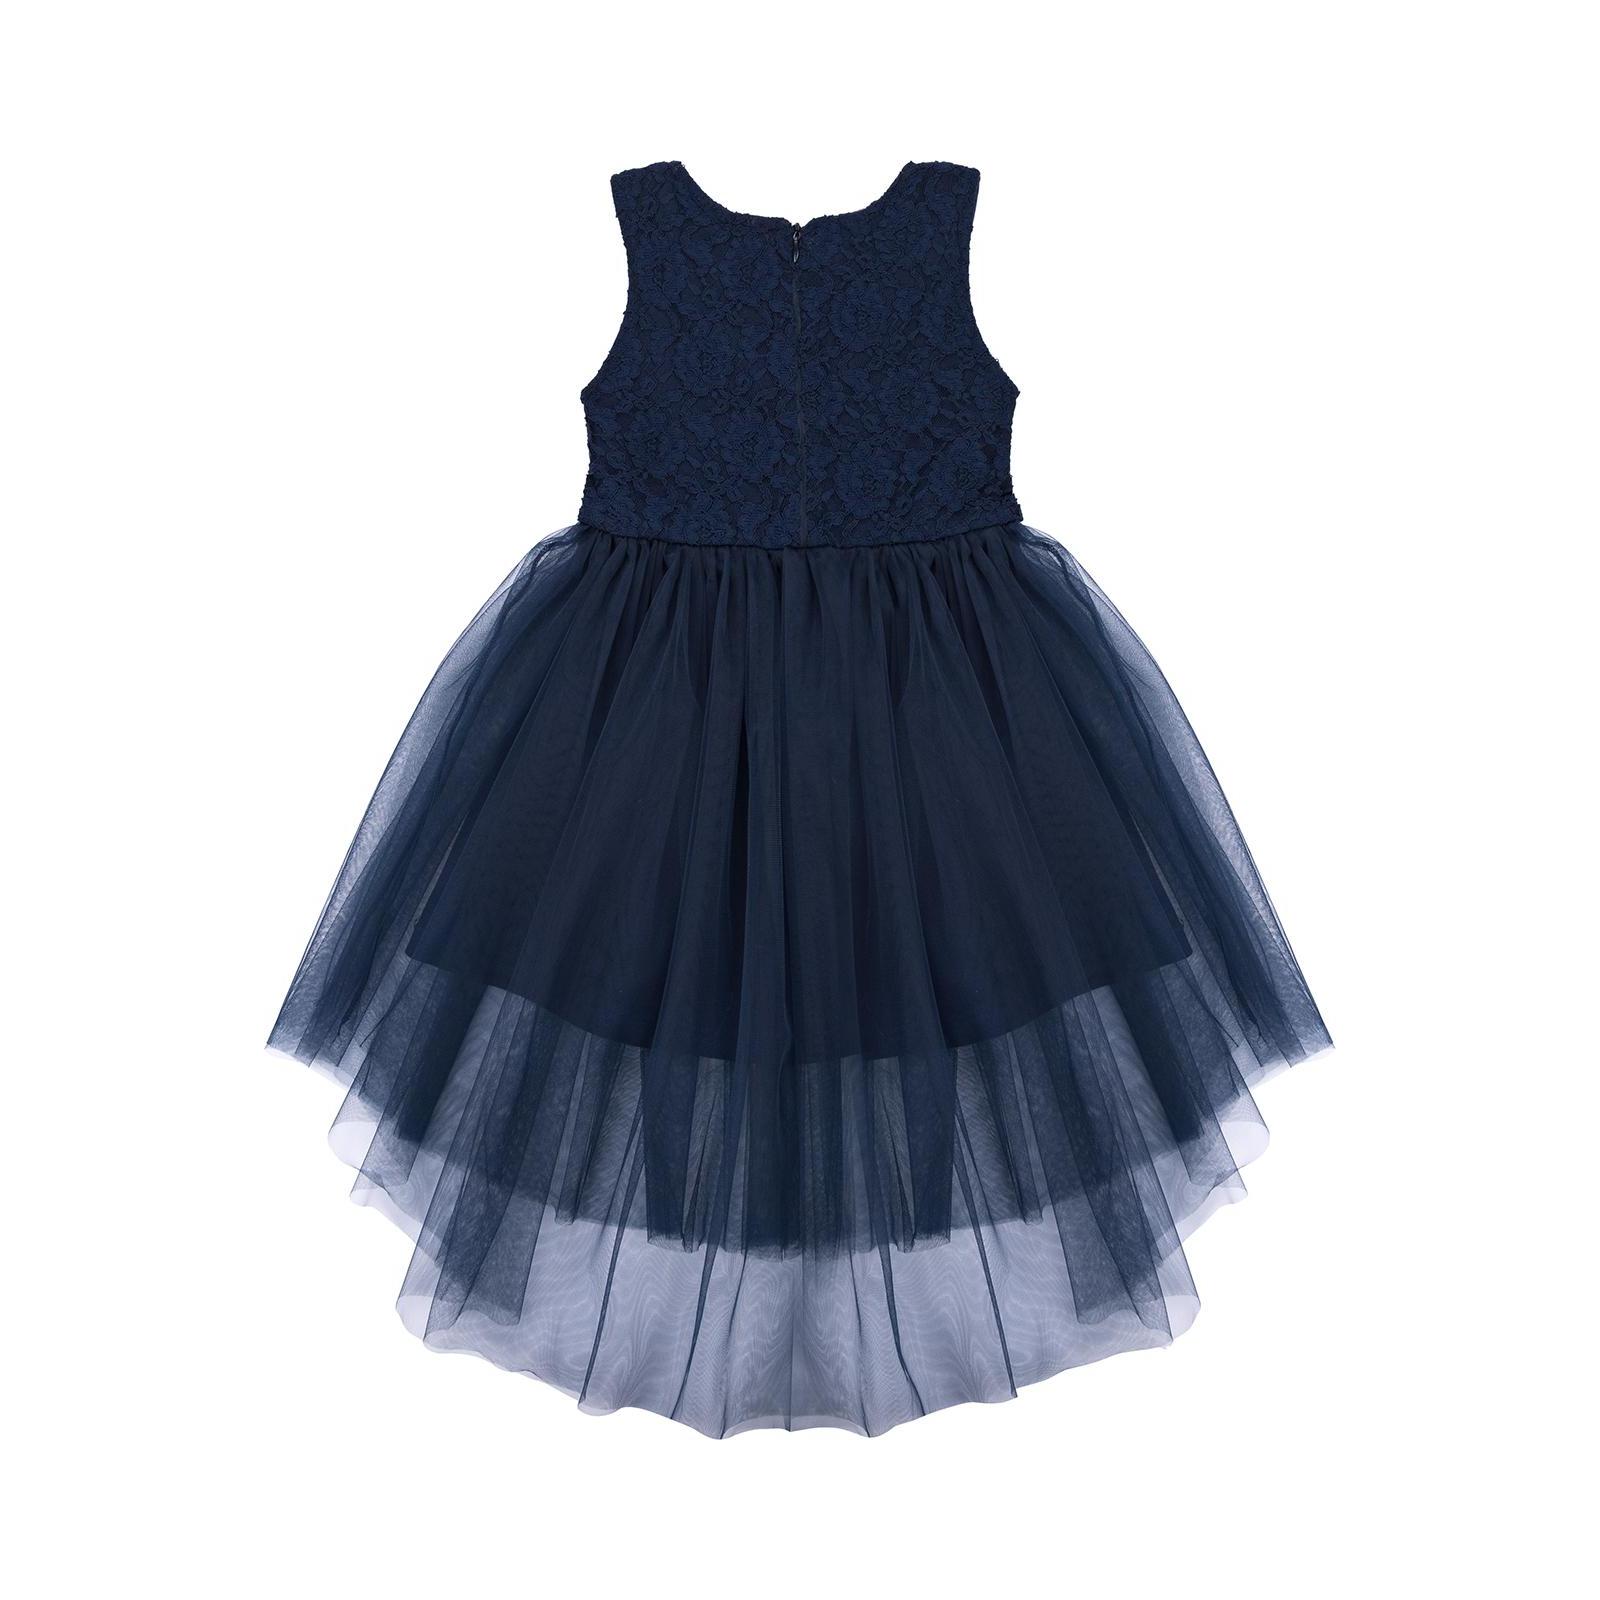 Платье Breeze с кружевным лифом и ассиметричной юбкой (11027-116G-blue) изображение 2